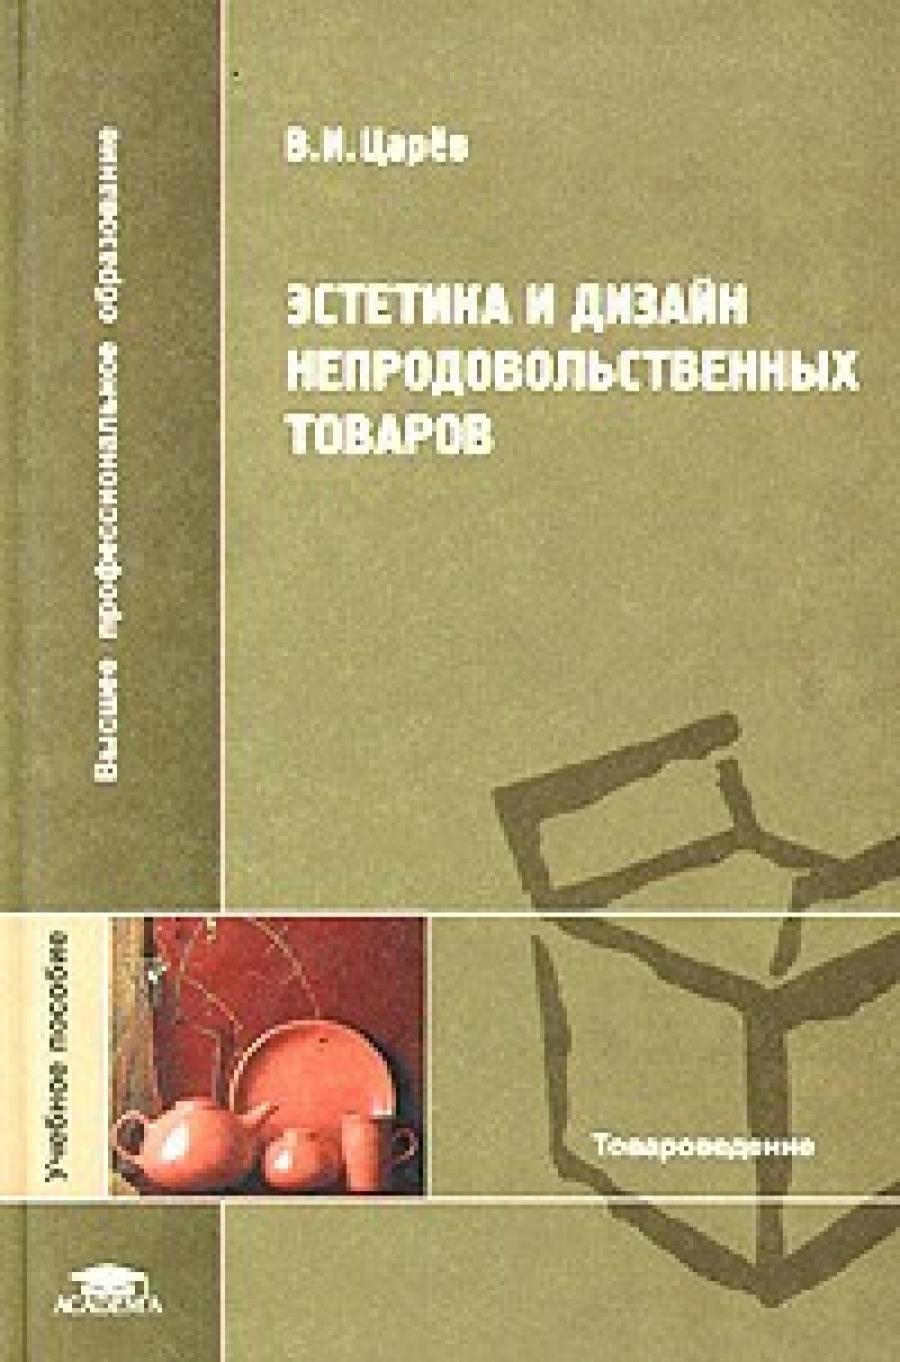 Обложка книги:  царёв в. и. - эстетика и дизайн непродовольственных товаров